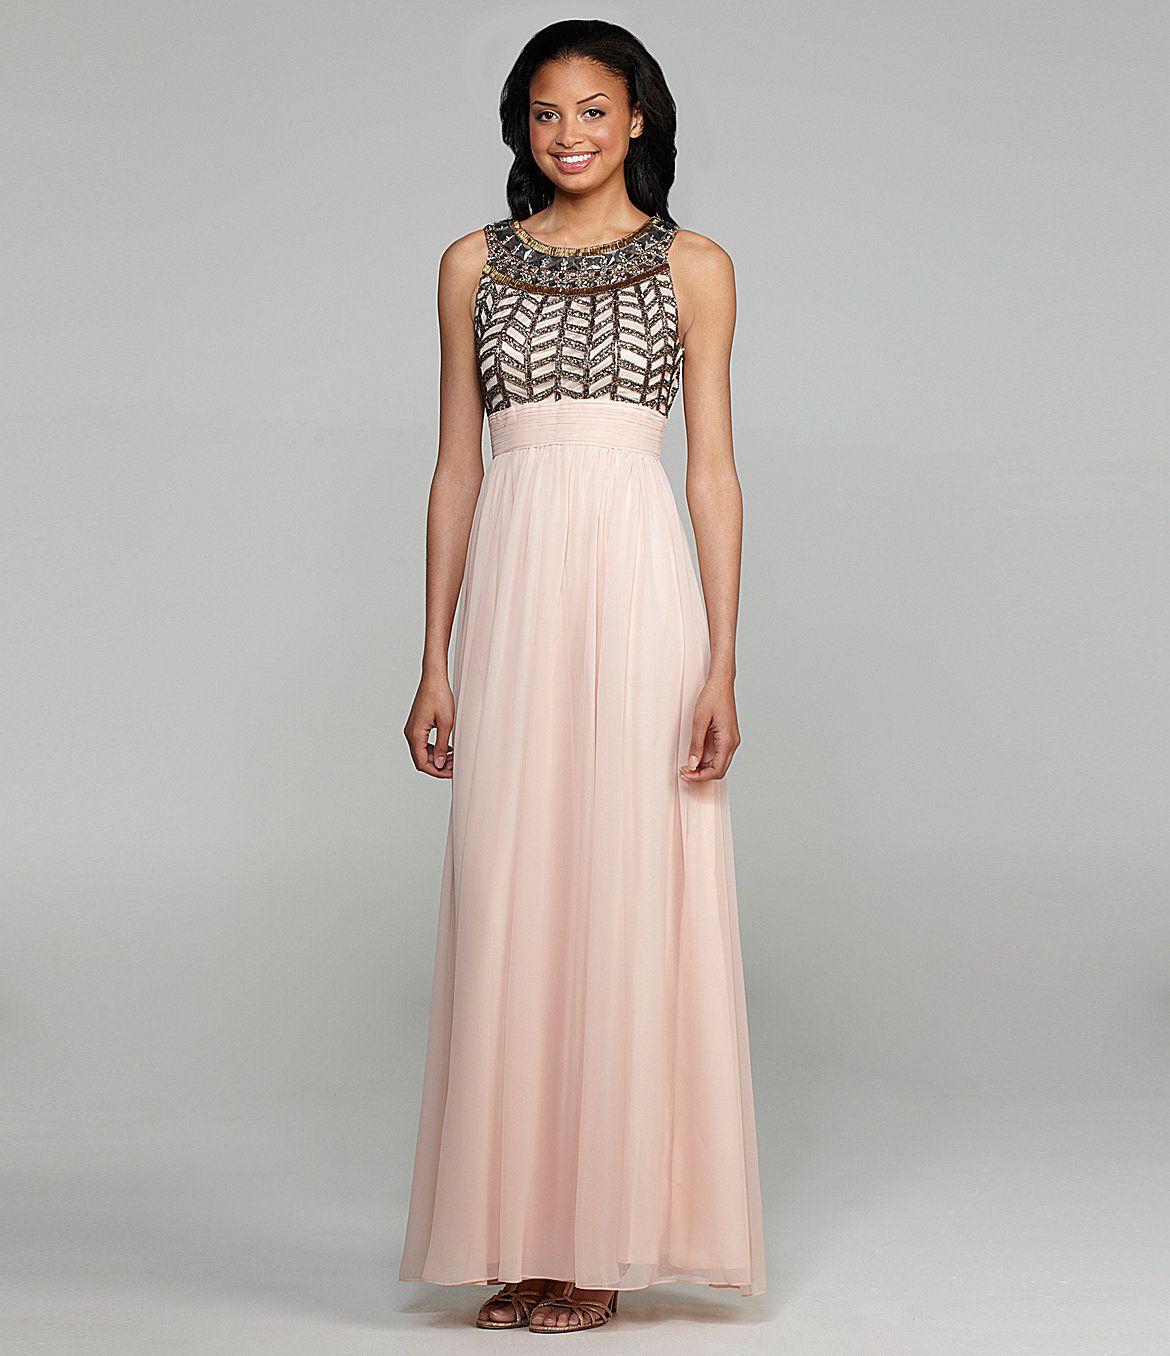 Wedding dresses dillards  JS Collections Beaded Gown  Dillards  Dress up  Pinterest